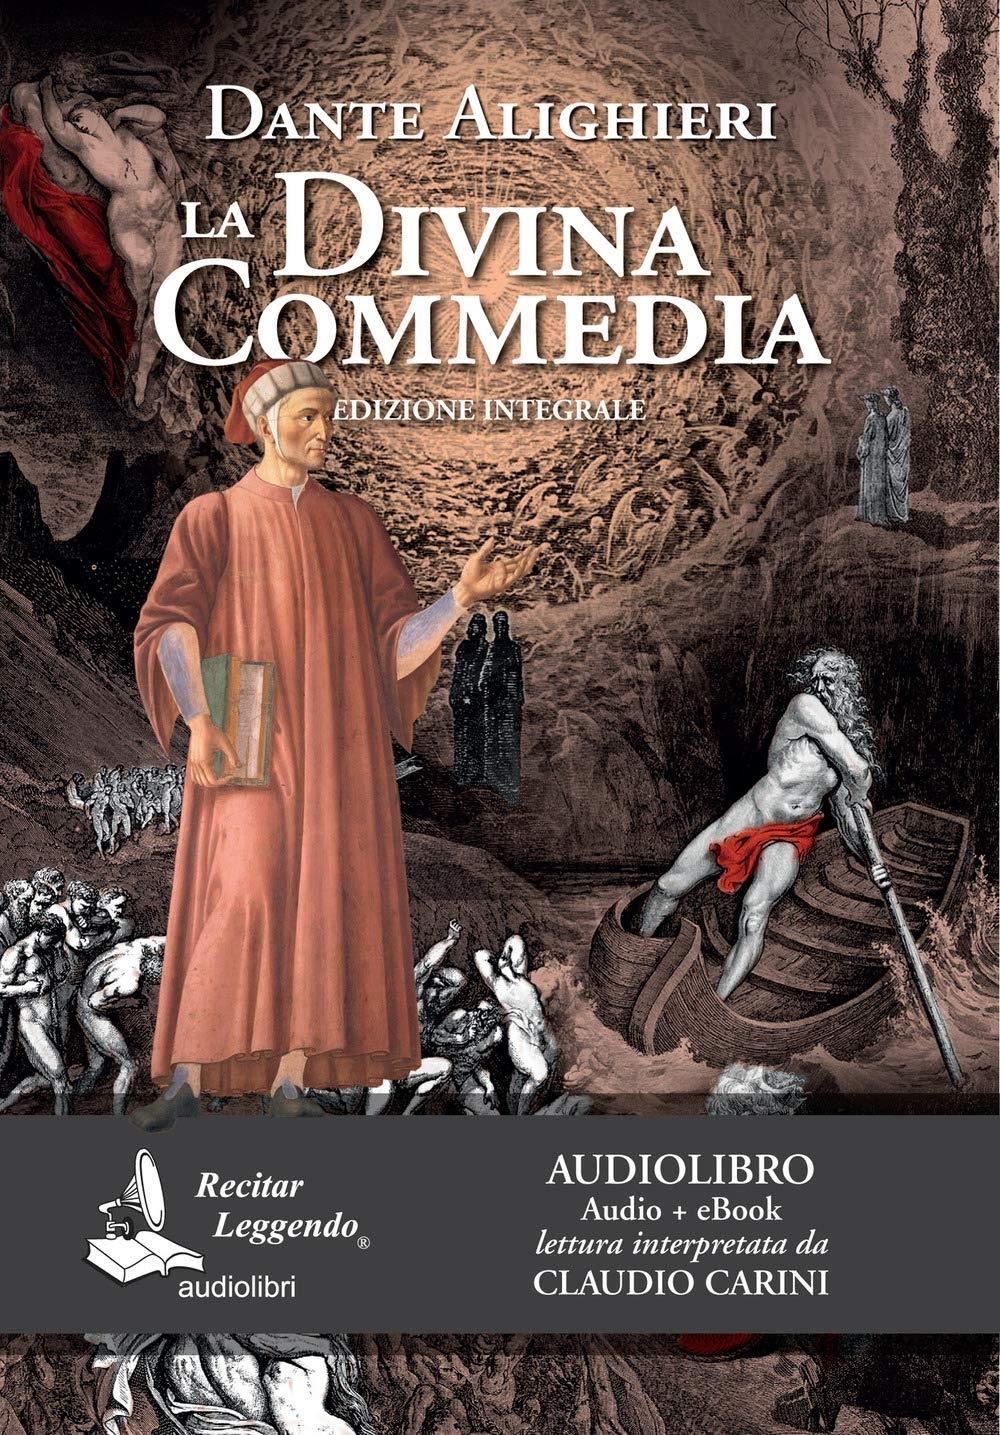 La Divina Commedia (edizione integrale - audiolibro + eBook)